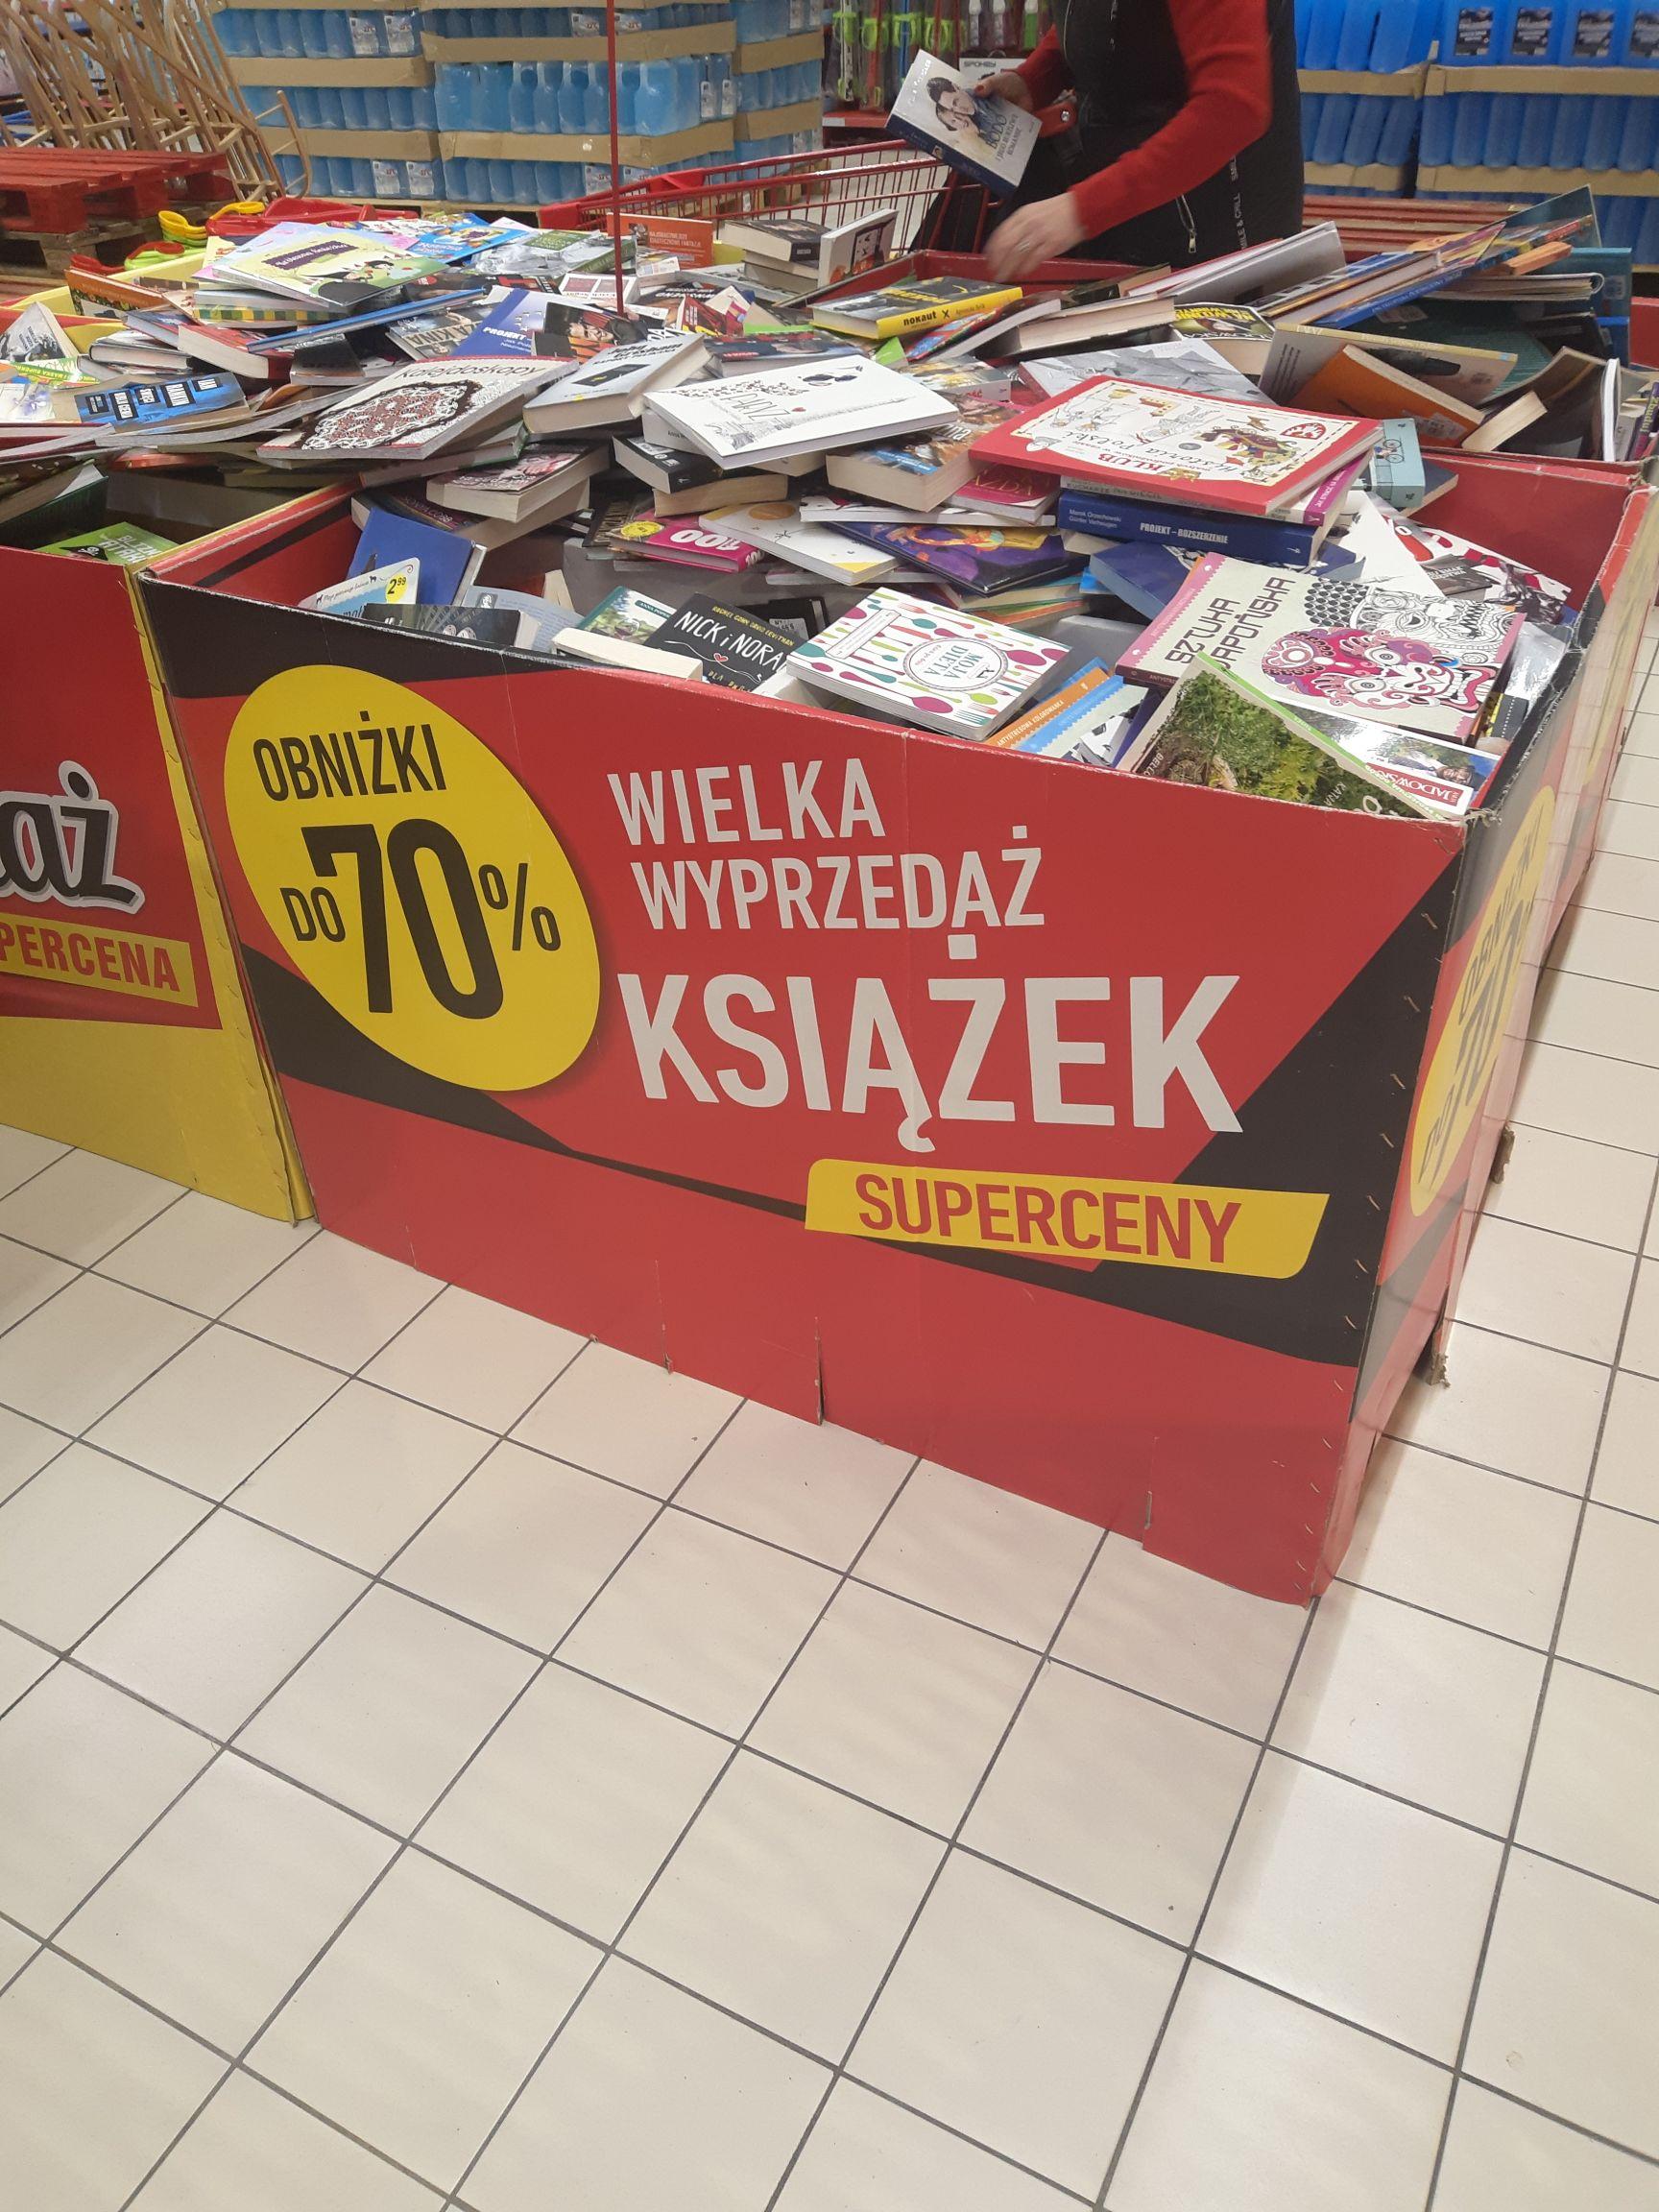 Wielka wyprzedaż książek Carrefour